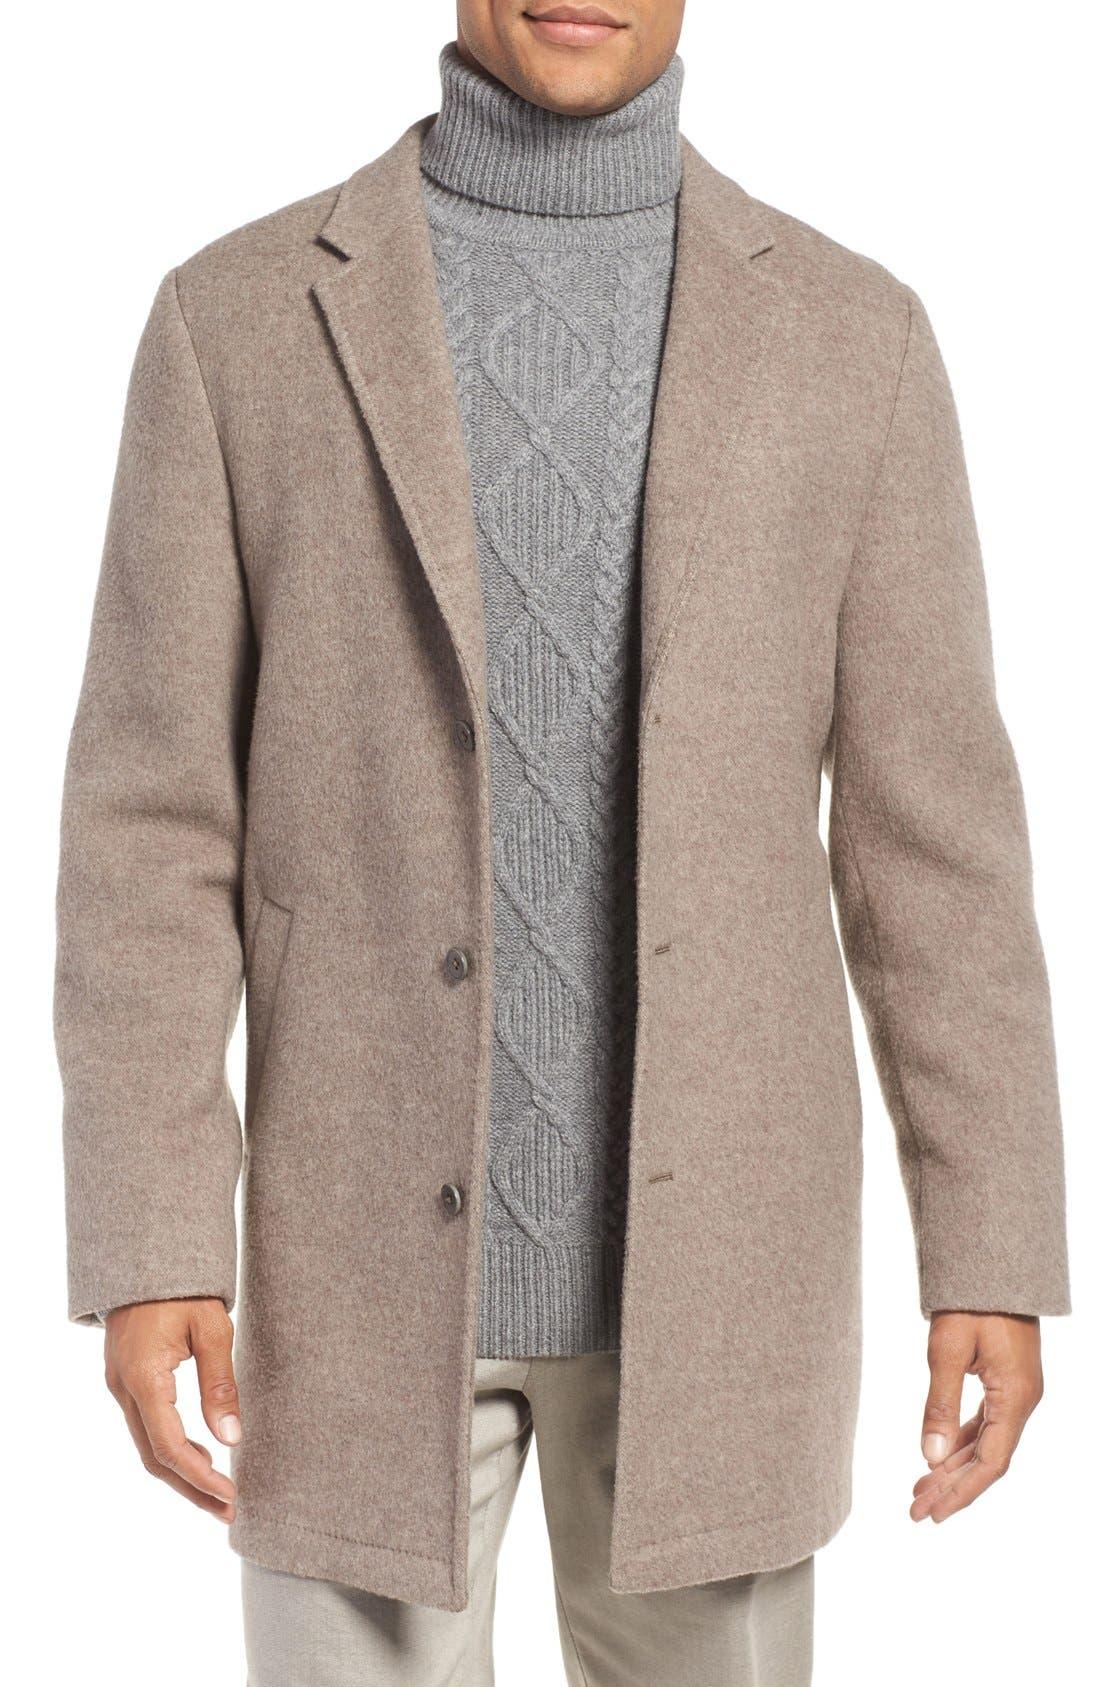 Rodd & Gunn 'Wentworth' Wool Coat